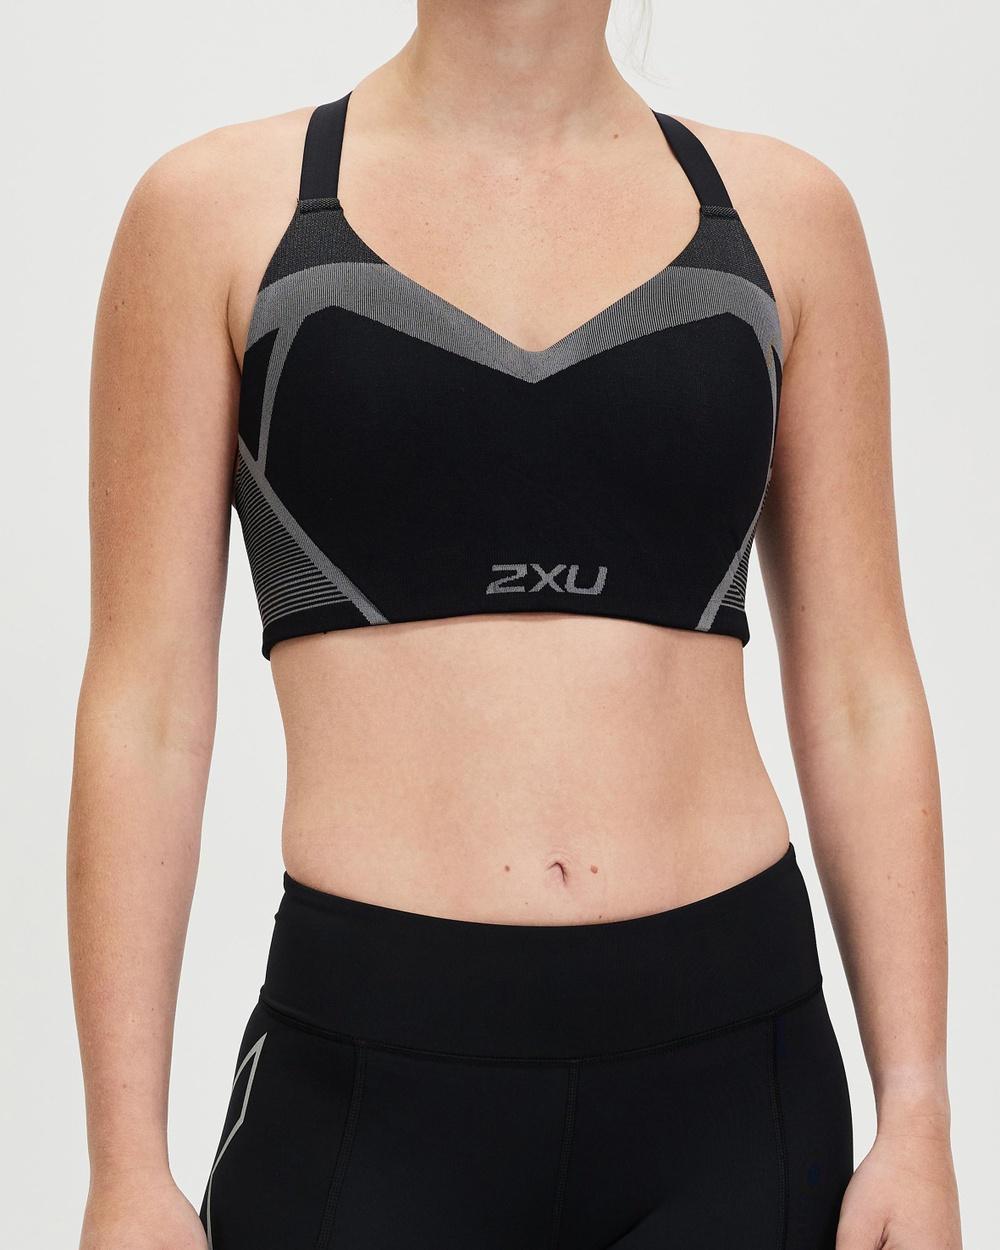 2XU Motion Tech Bra Crop Tops Black & Turbulence